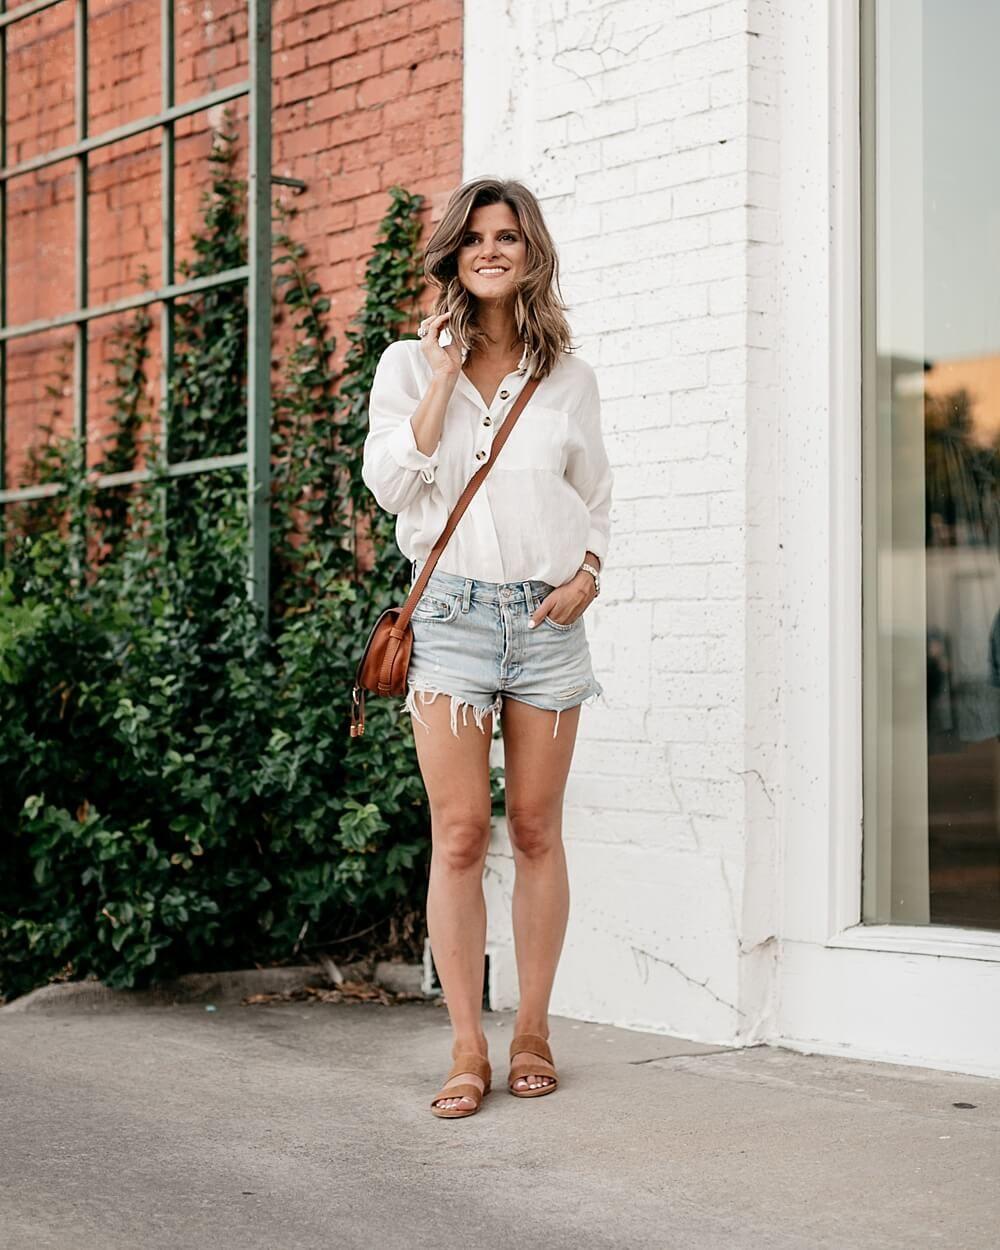 10 Ways to Wear Denim Shorts spring inspirationDenim spring inspiration Denim